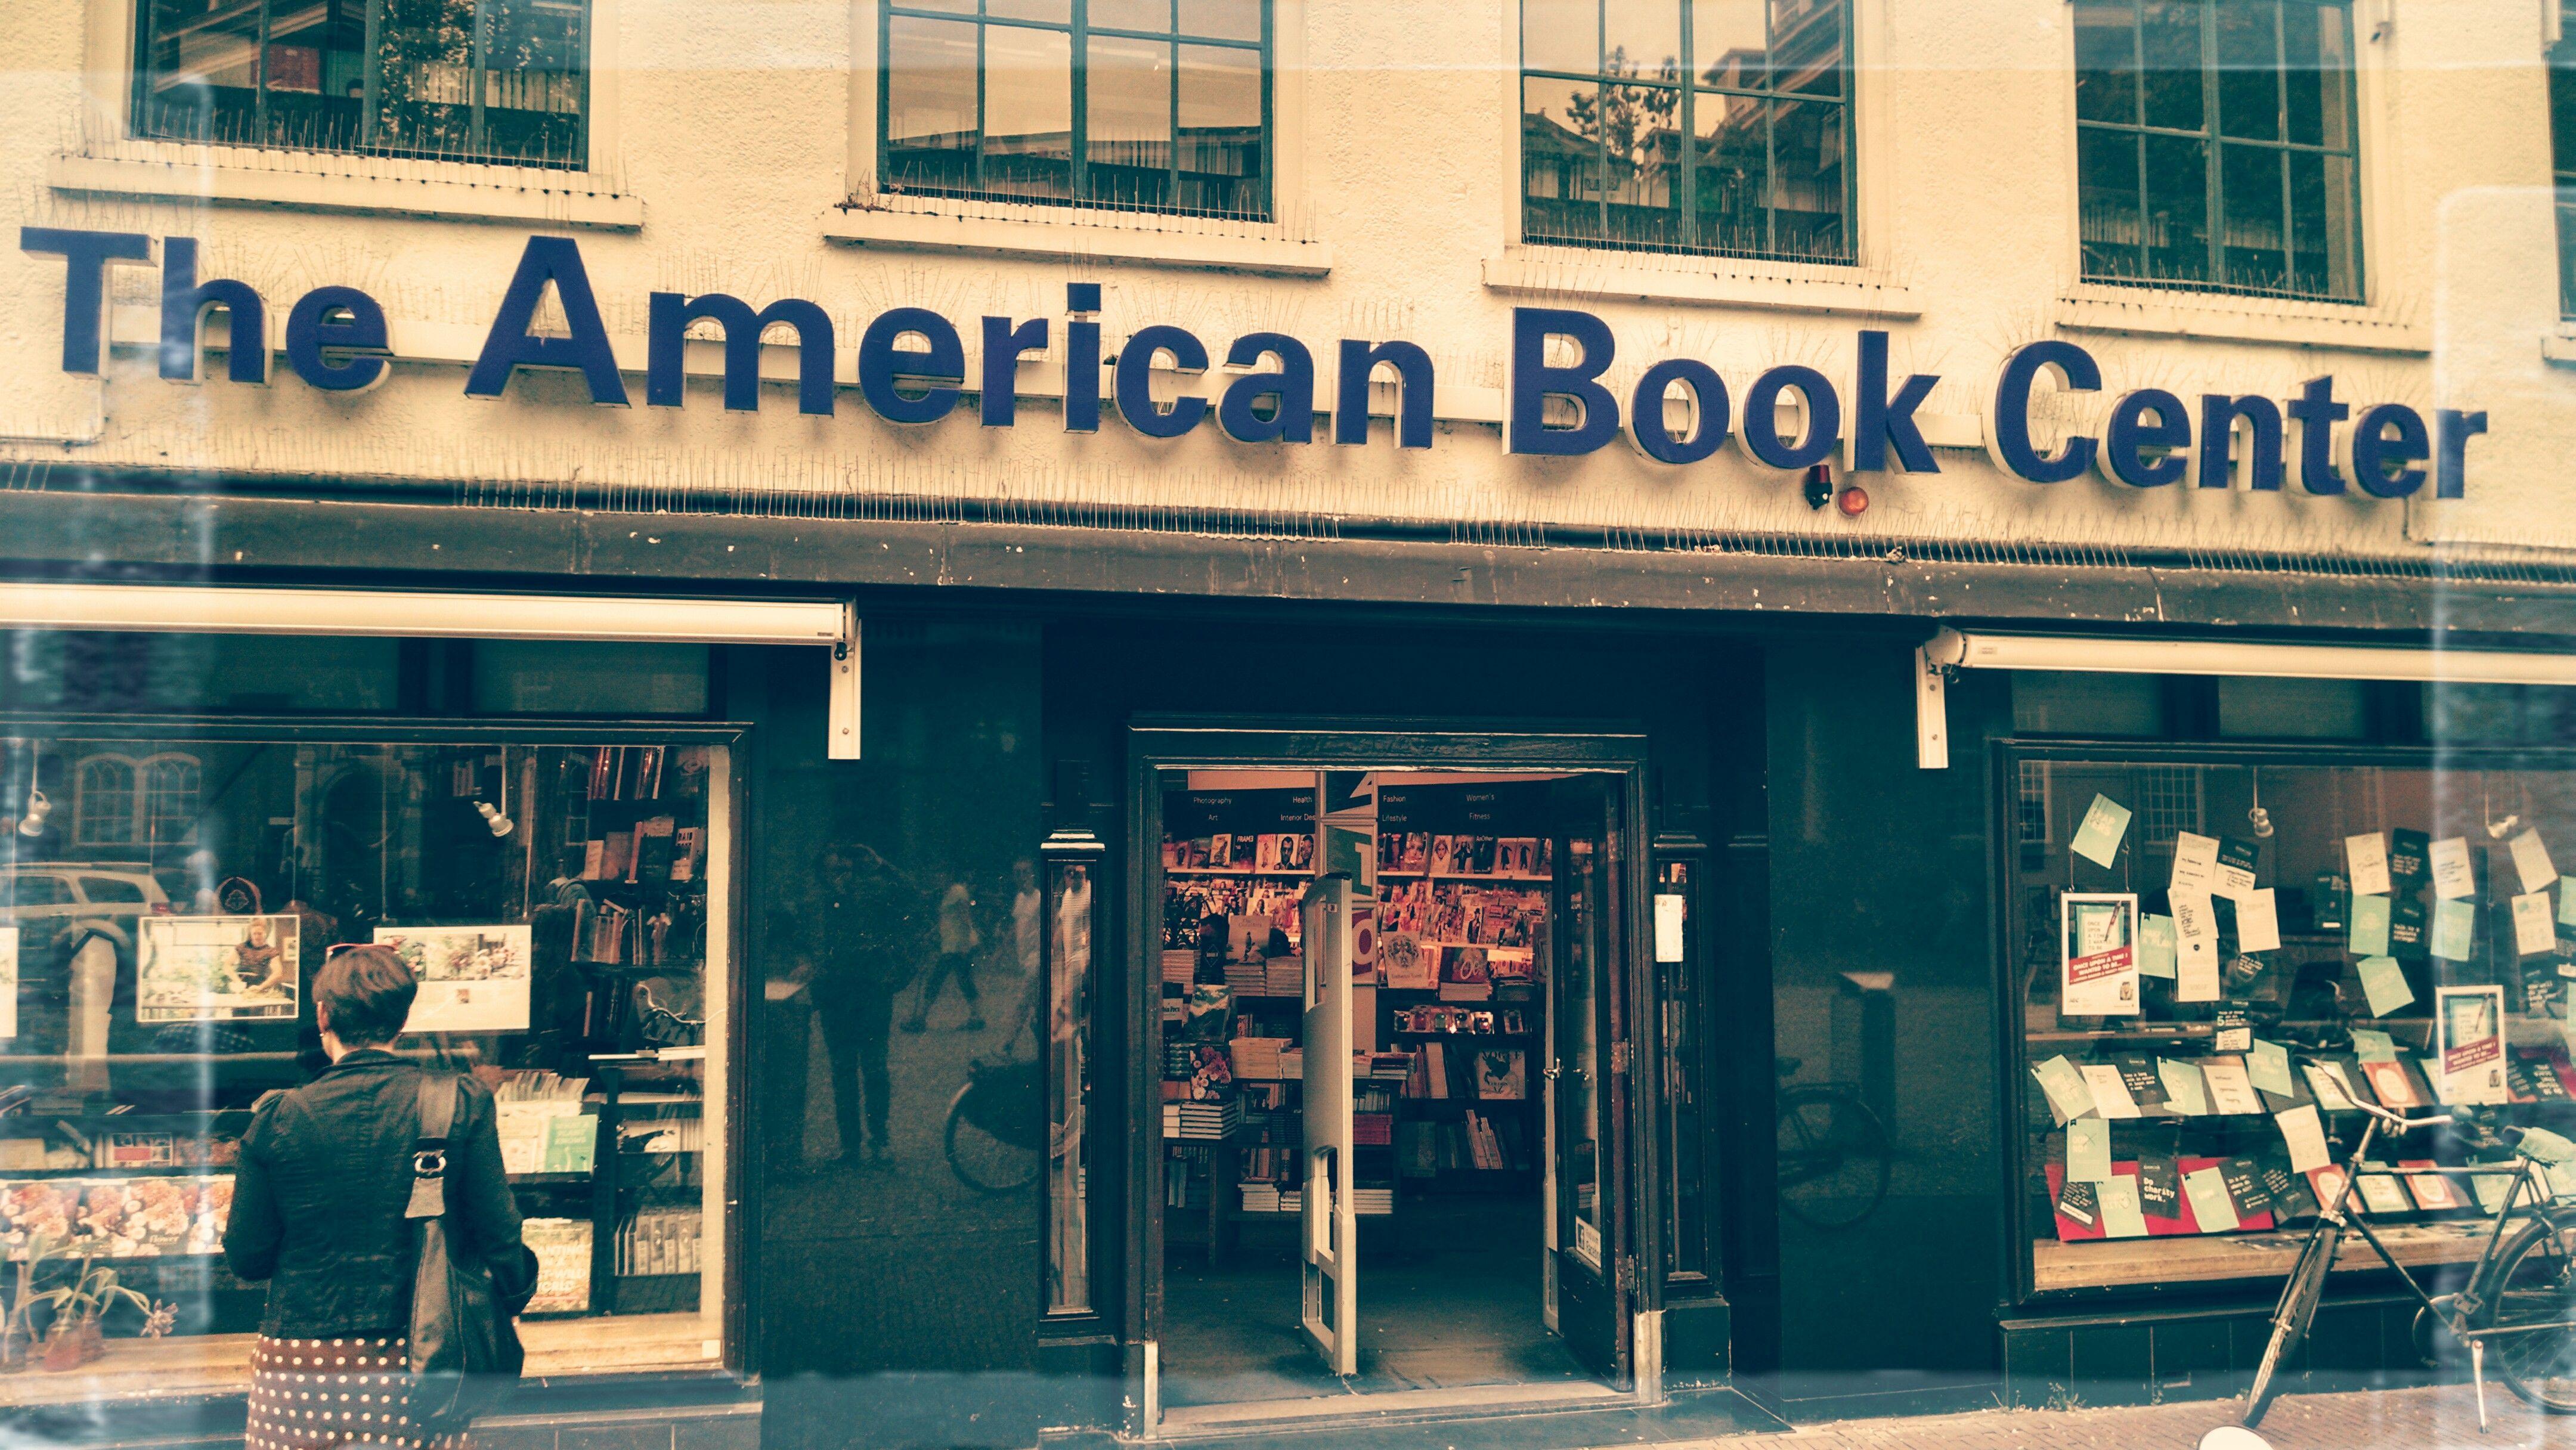 Noch eine Buchhandlung für englischsprachige Titel – The American Book Center.